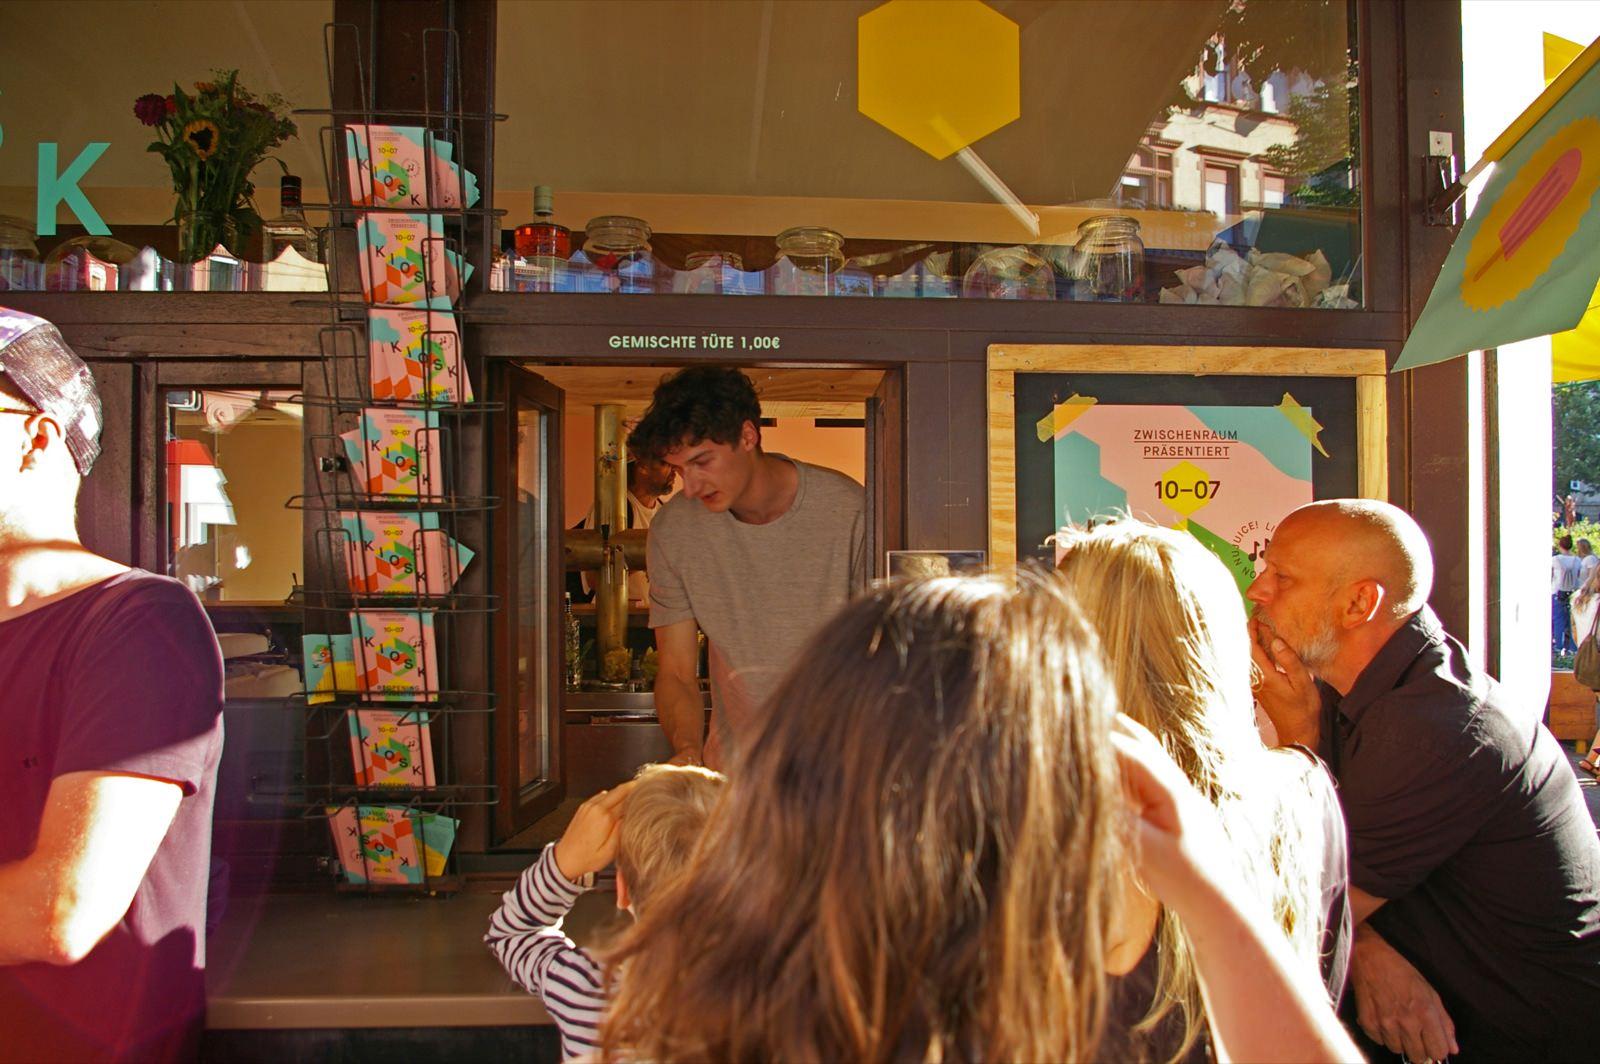 Am Kiosk Schlangestehen für gemischte Tüte und Limo | Foto: M. Schülke